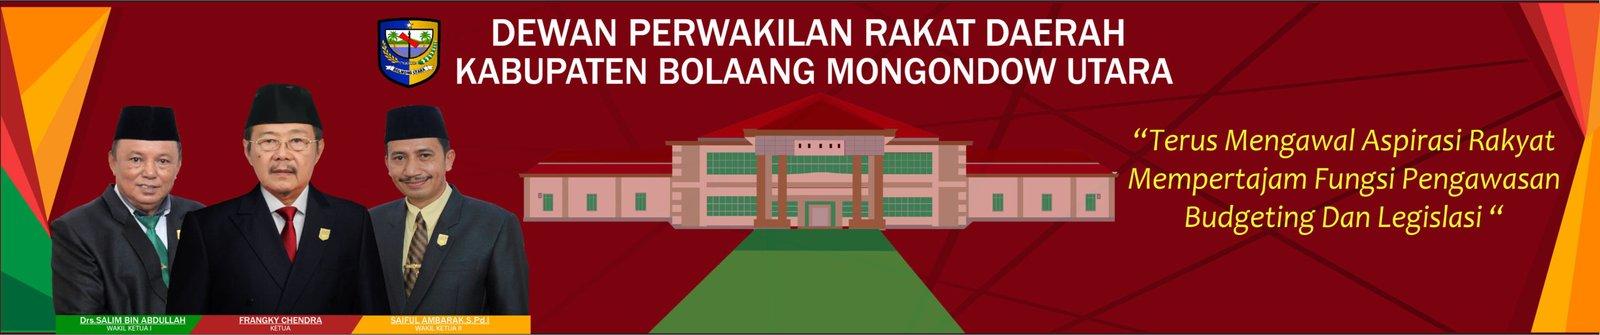 DPRD Kabupaten Bolaang Mongondow Utara